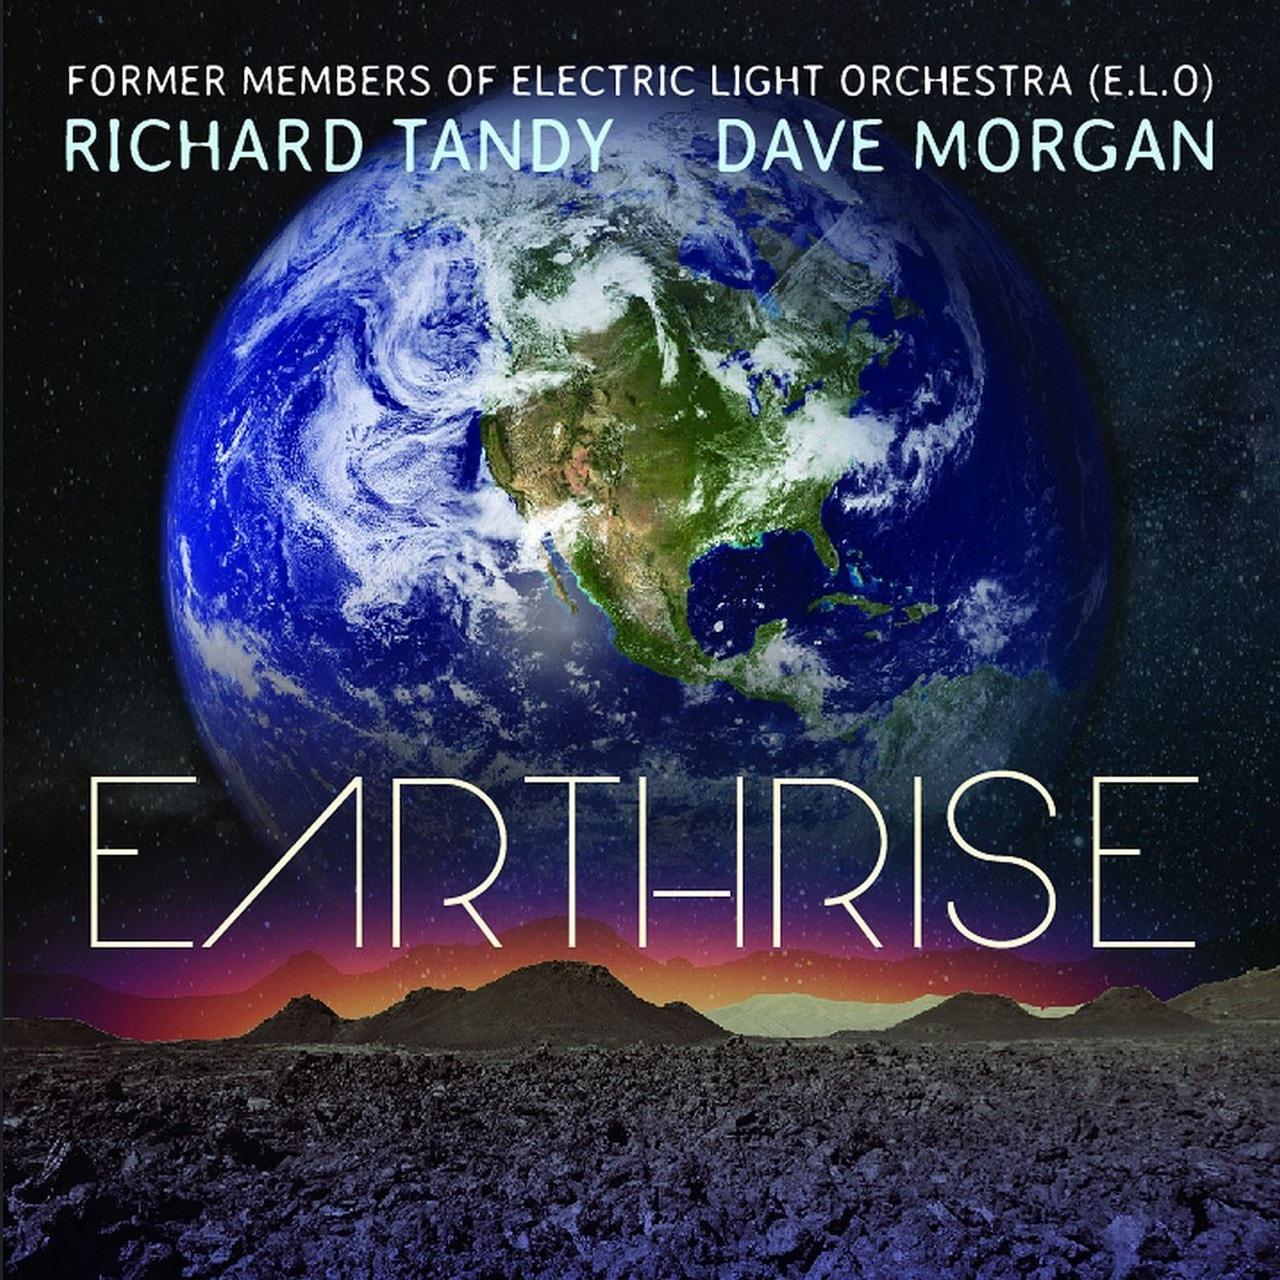 Earthrise - 1